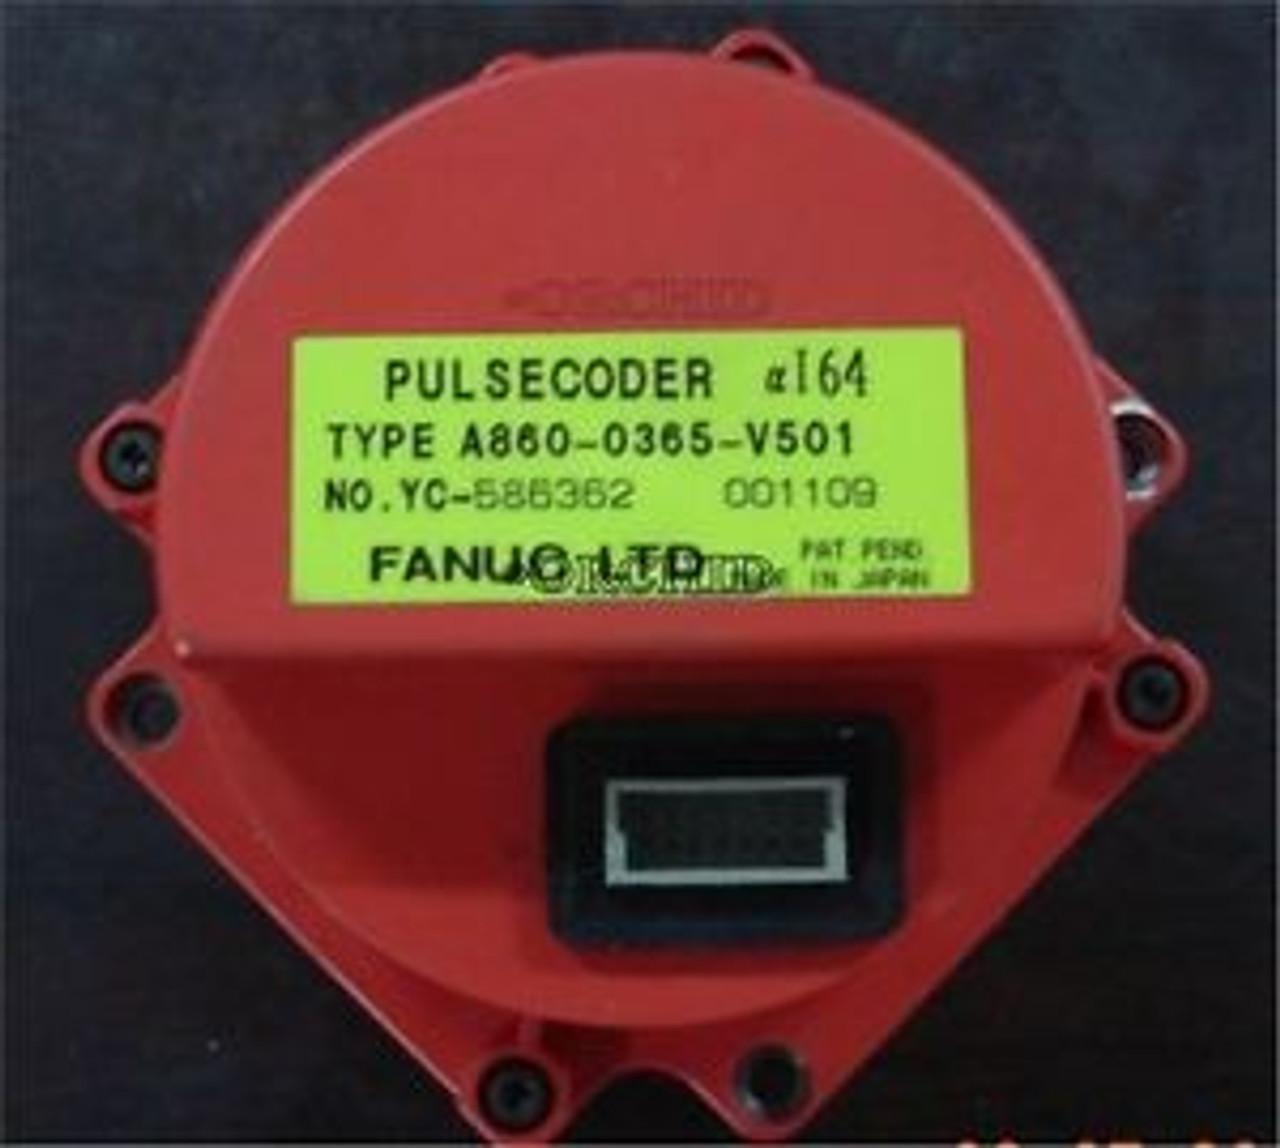 Used Fanuc A860-0365-V501 A8600365V501 Pulse Coder